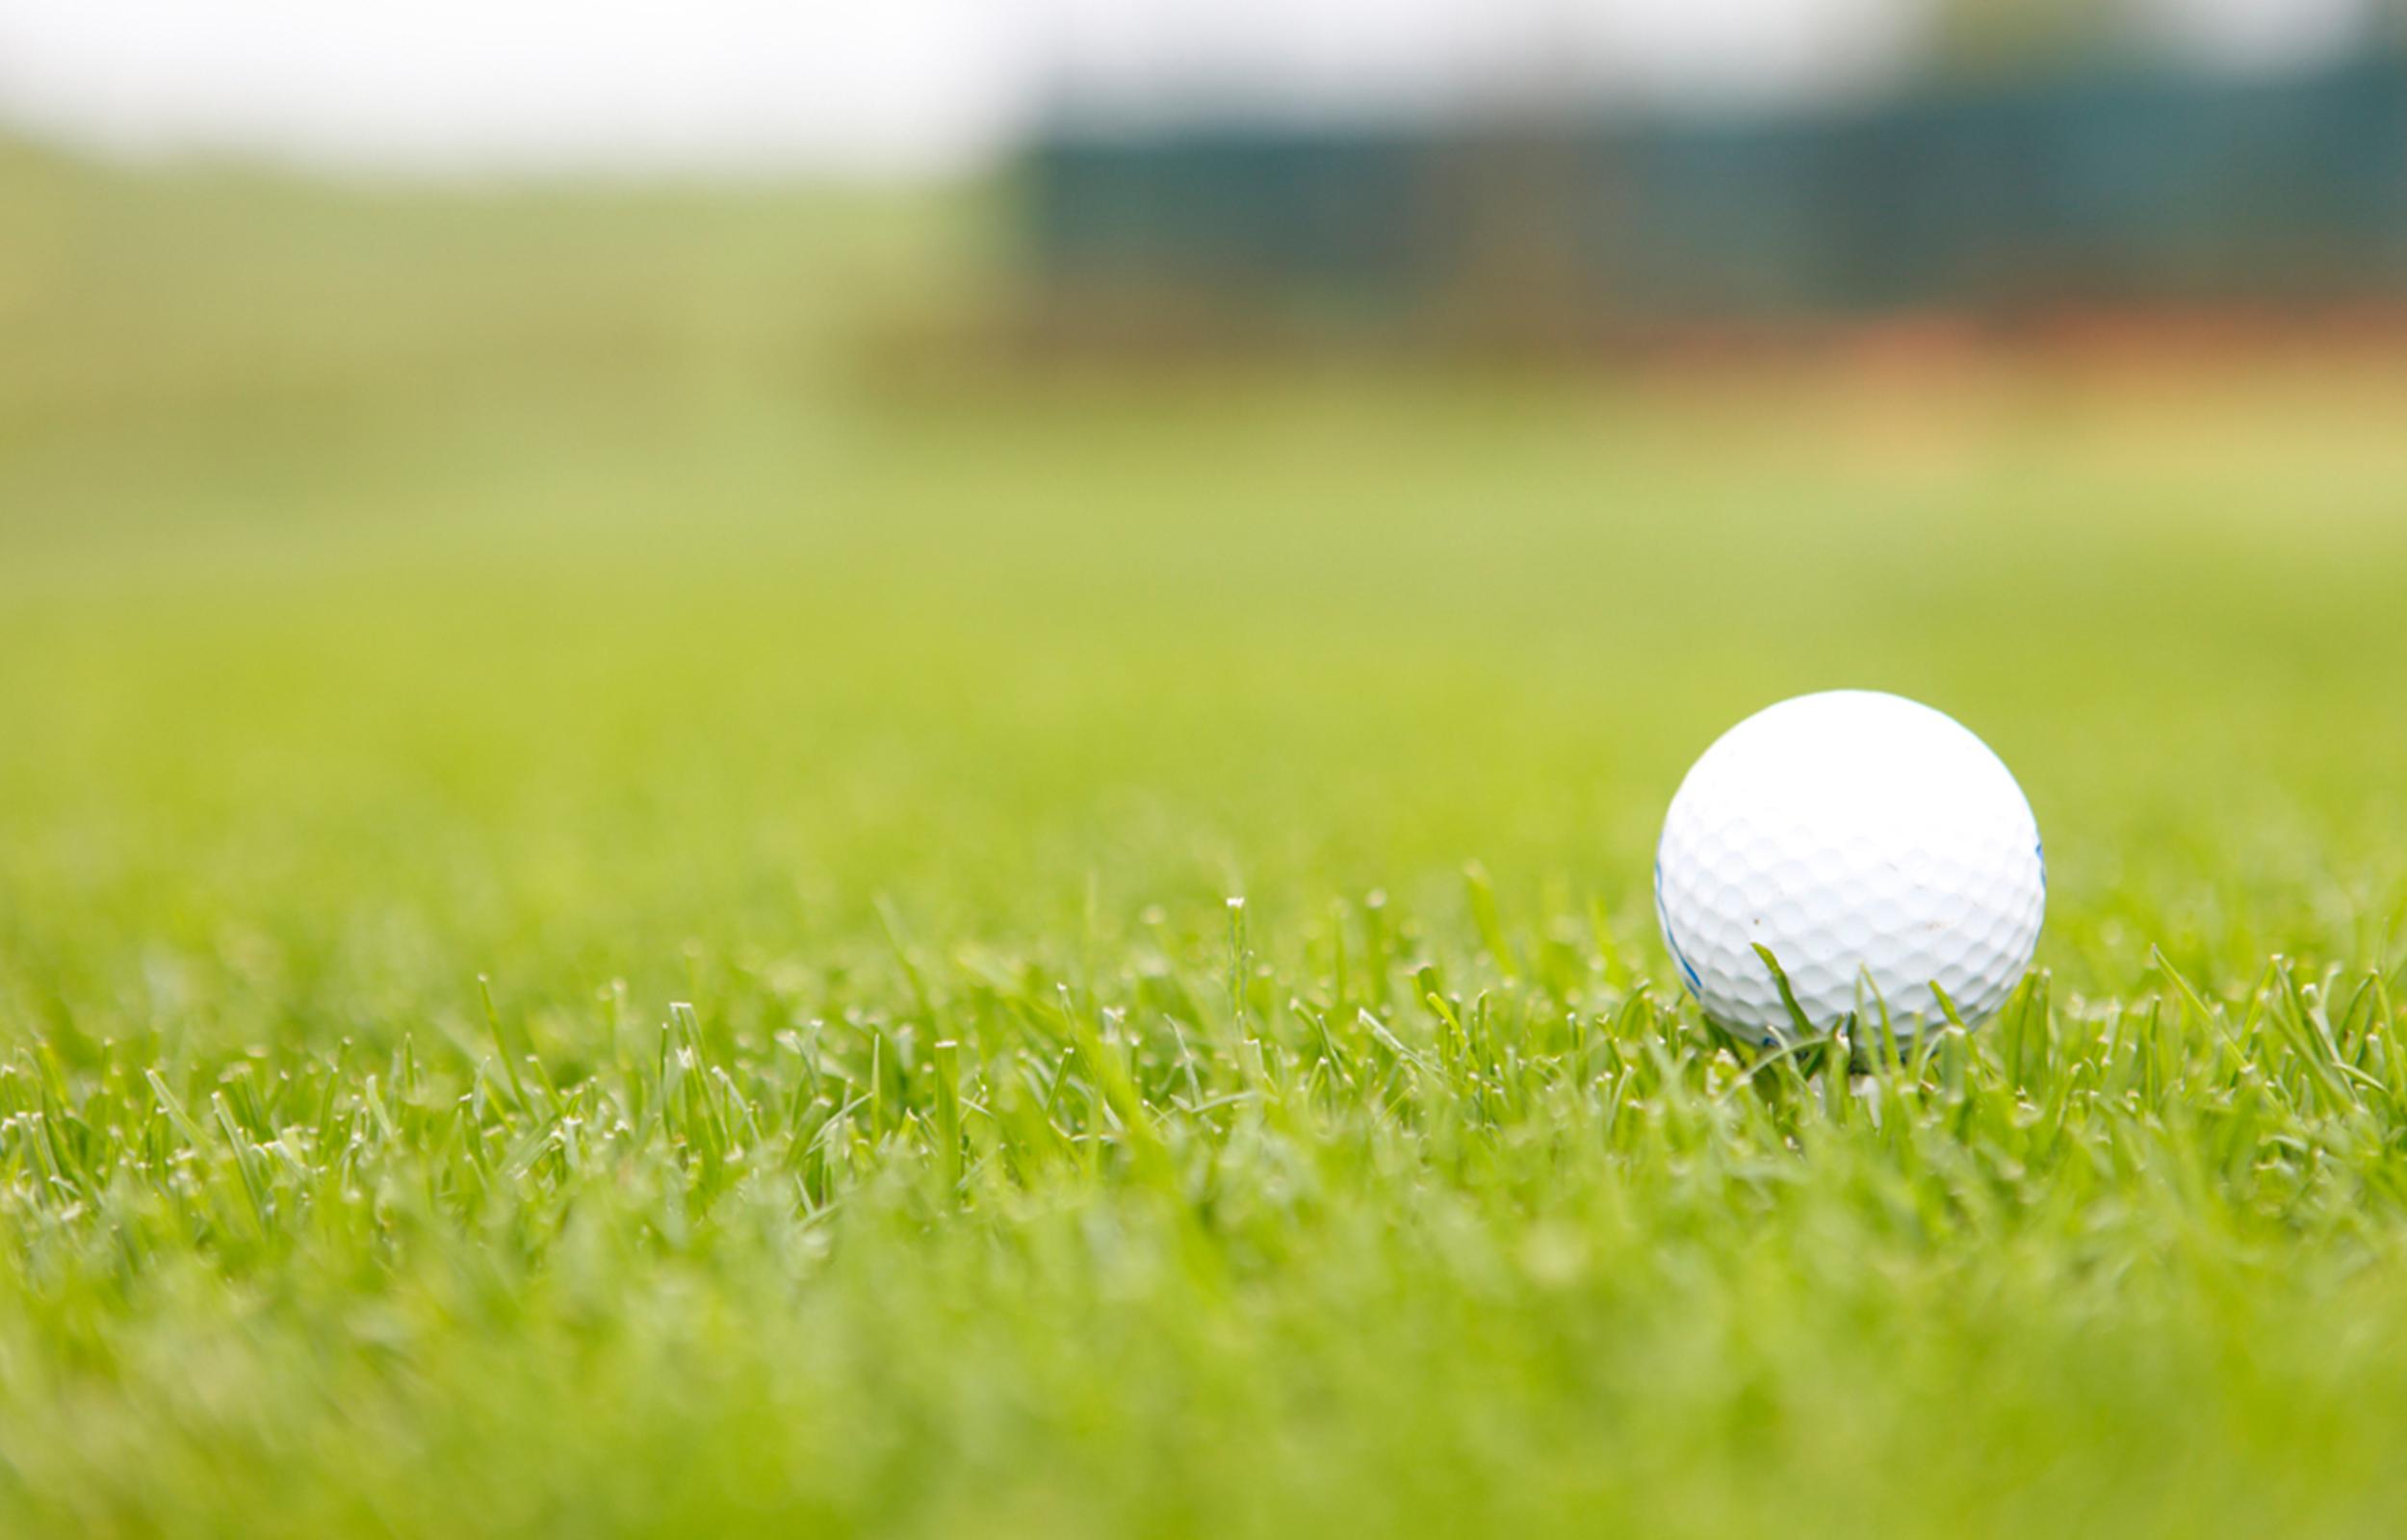 Kachel_Golf_2